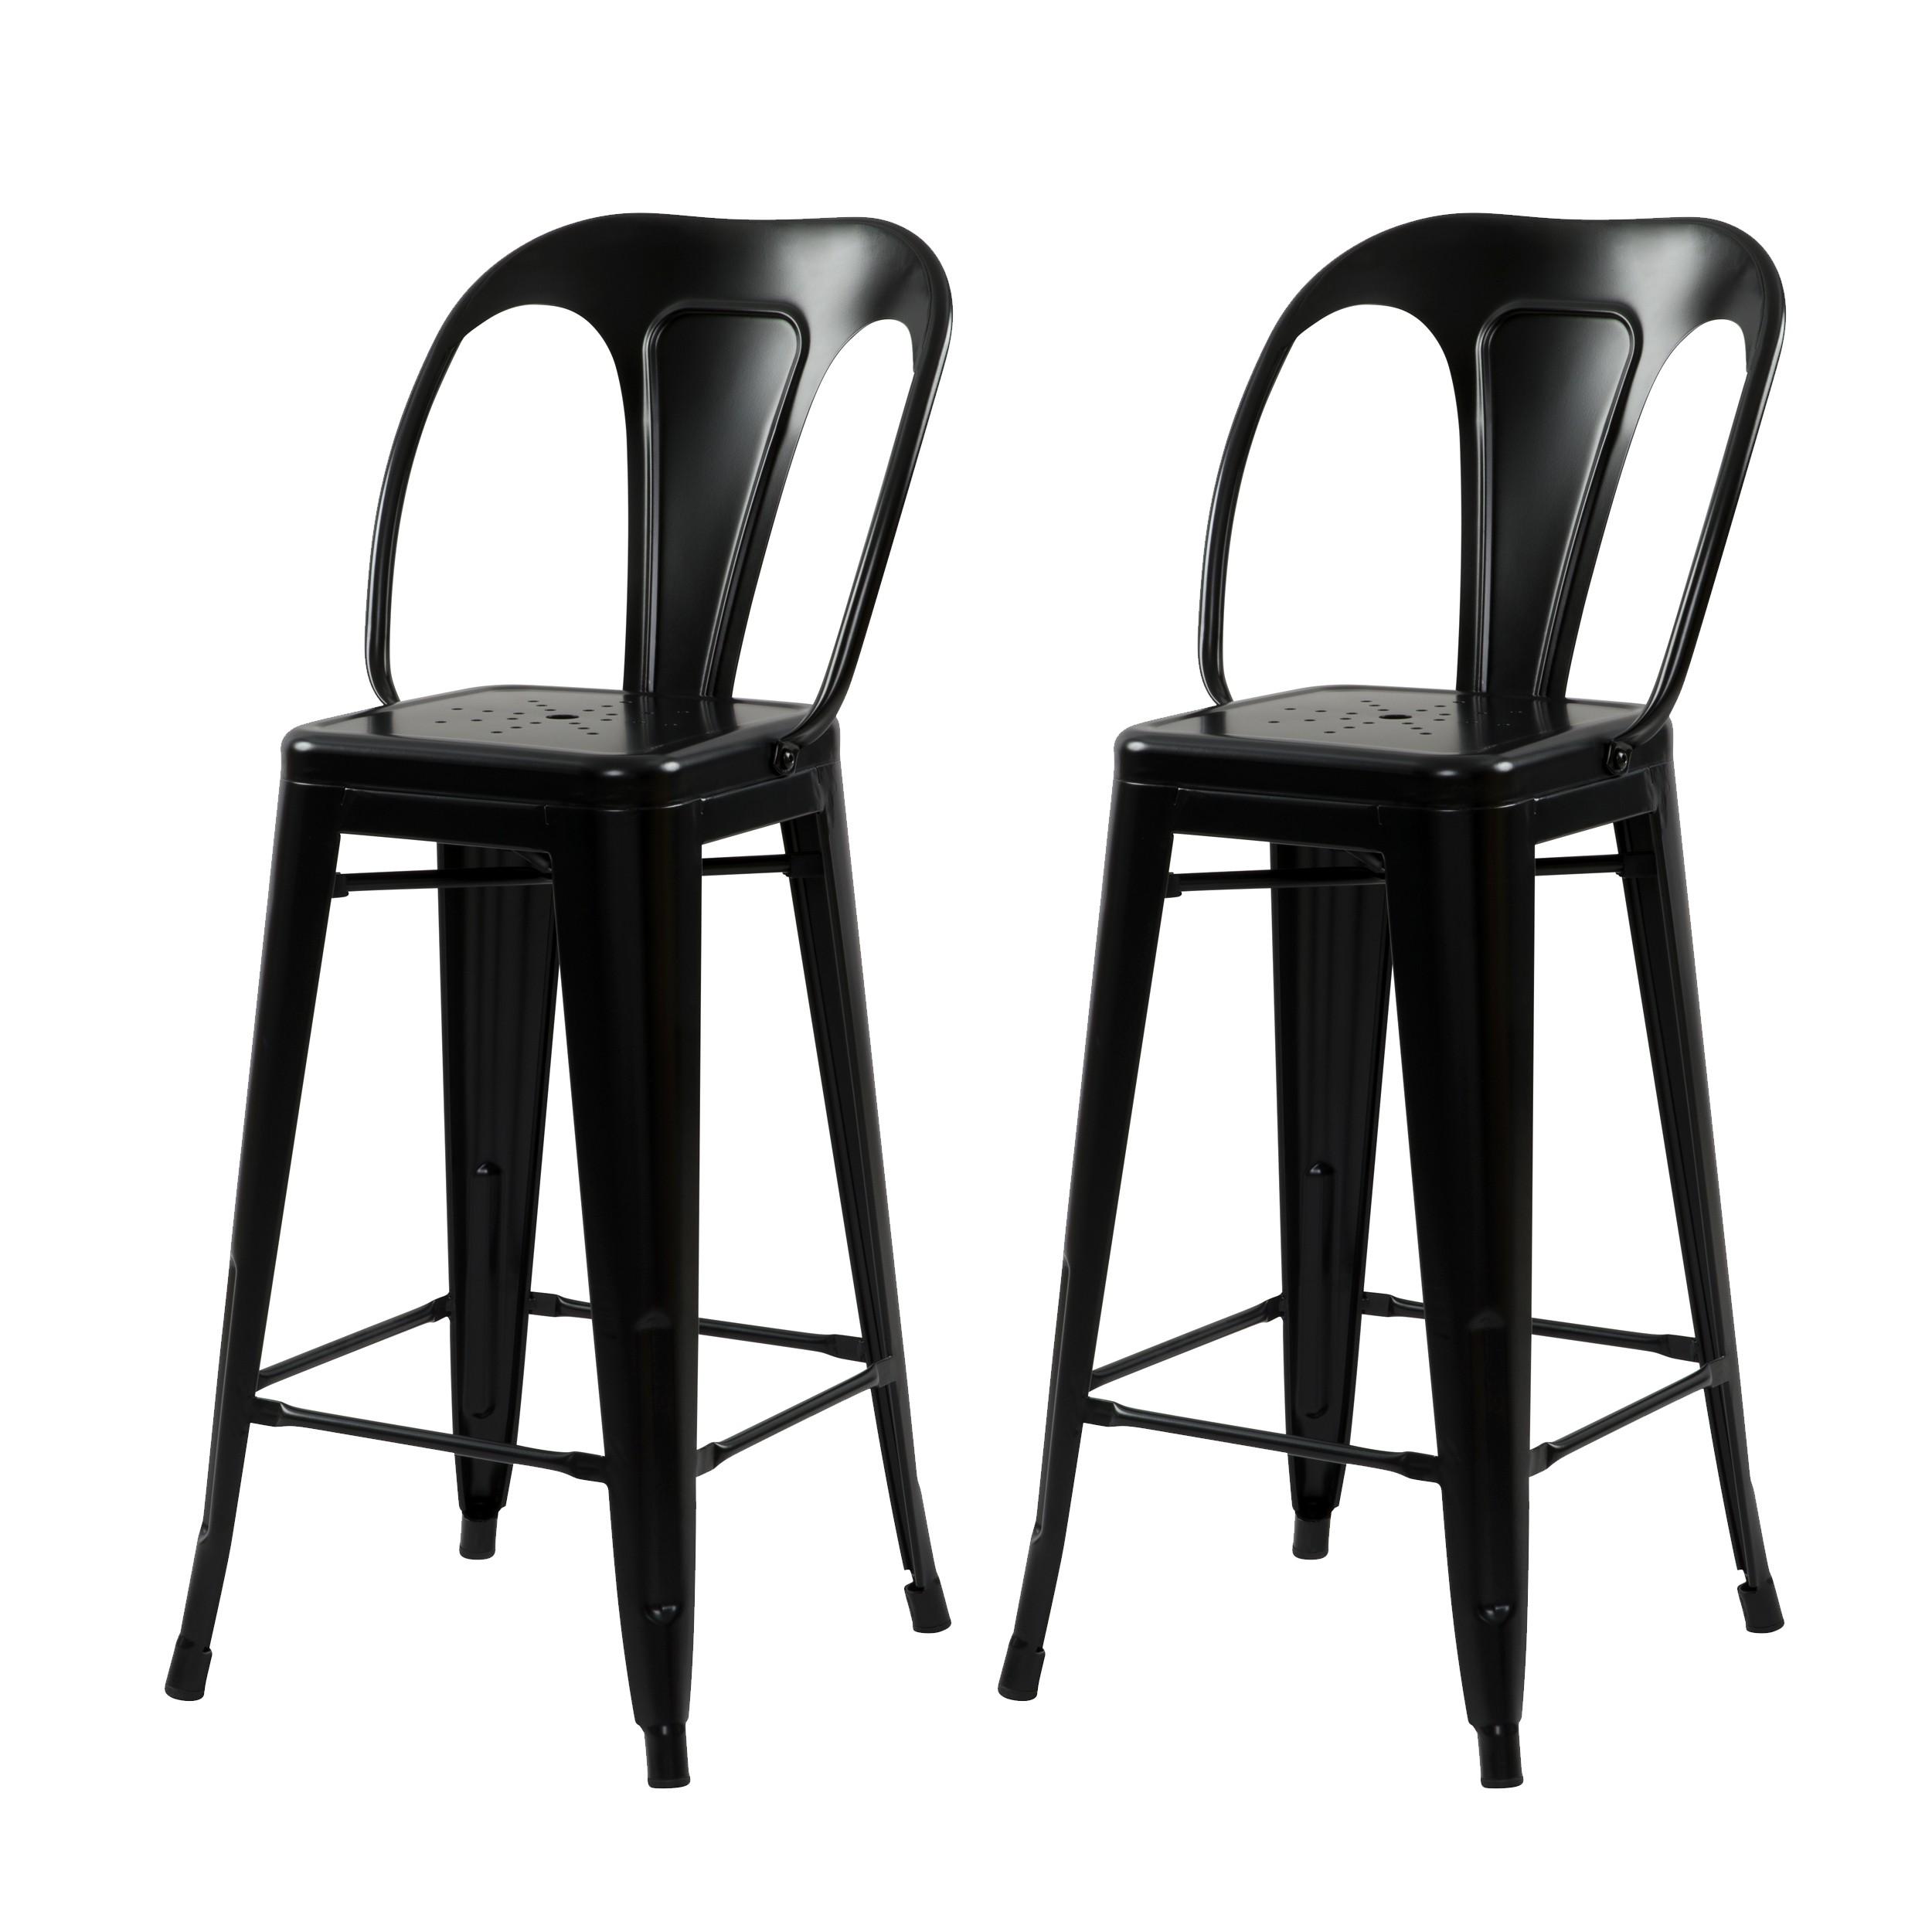 Chaise de bar mi hauteur Indus noir mat 66 cm (lot de 2)